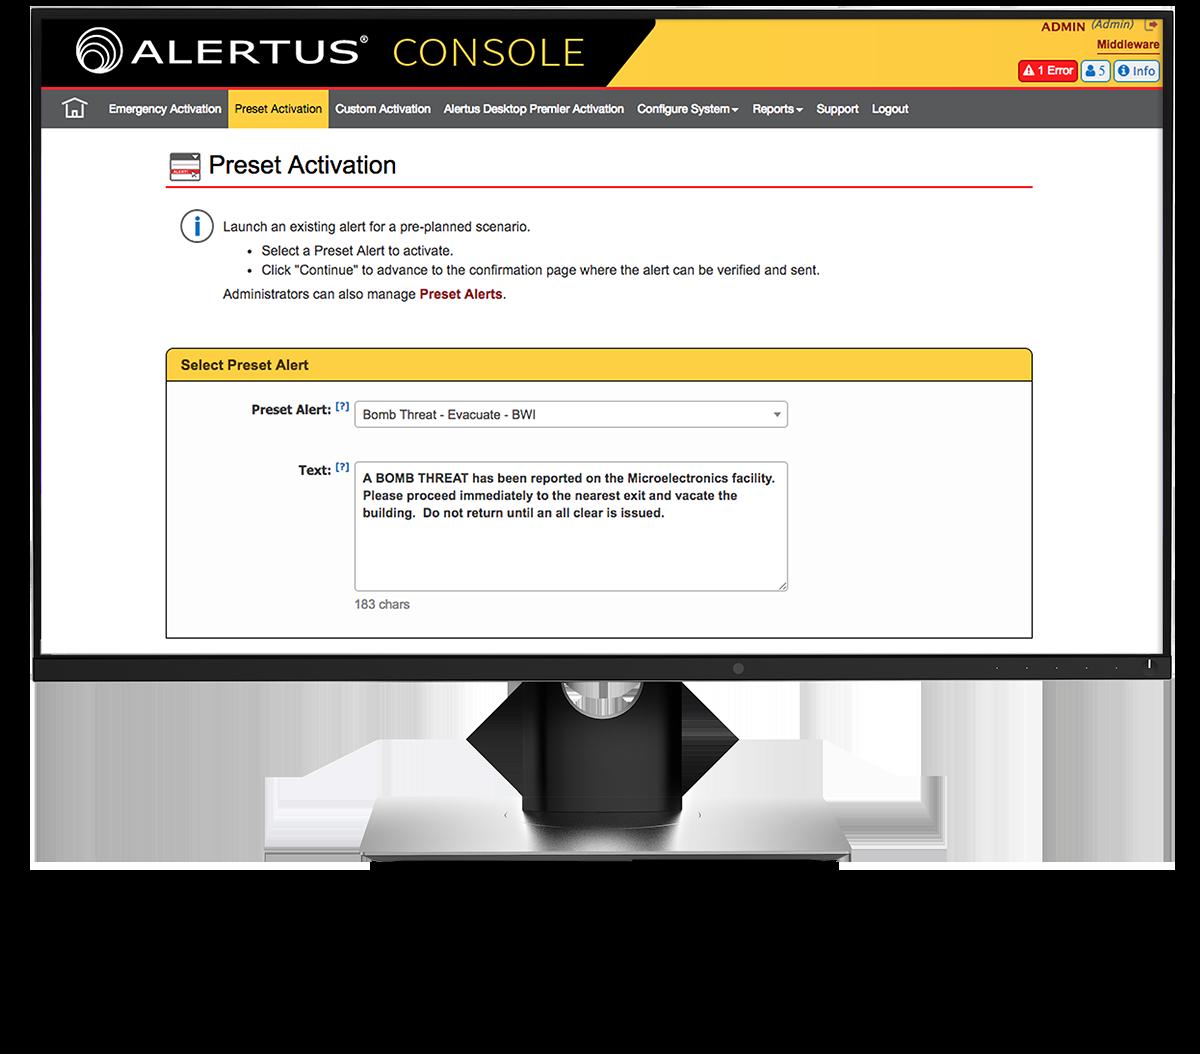 Alertus Console